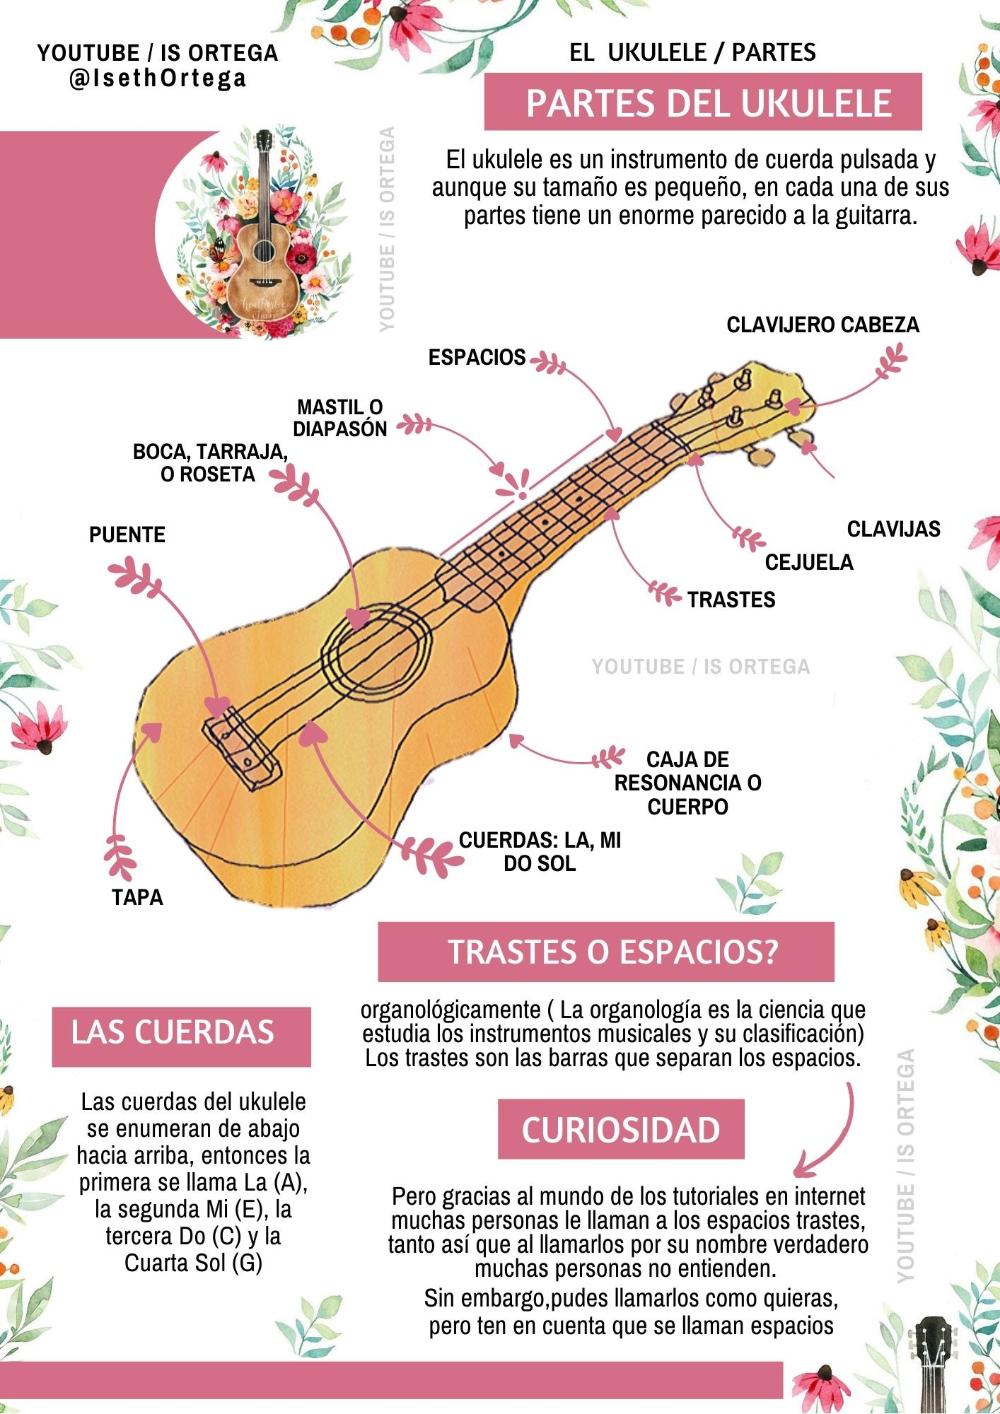 17 Is Ortega Youtube Ukulele Canciones Canciones De Ukelele Acordes Ukulele